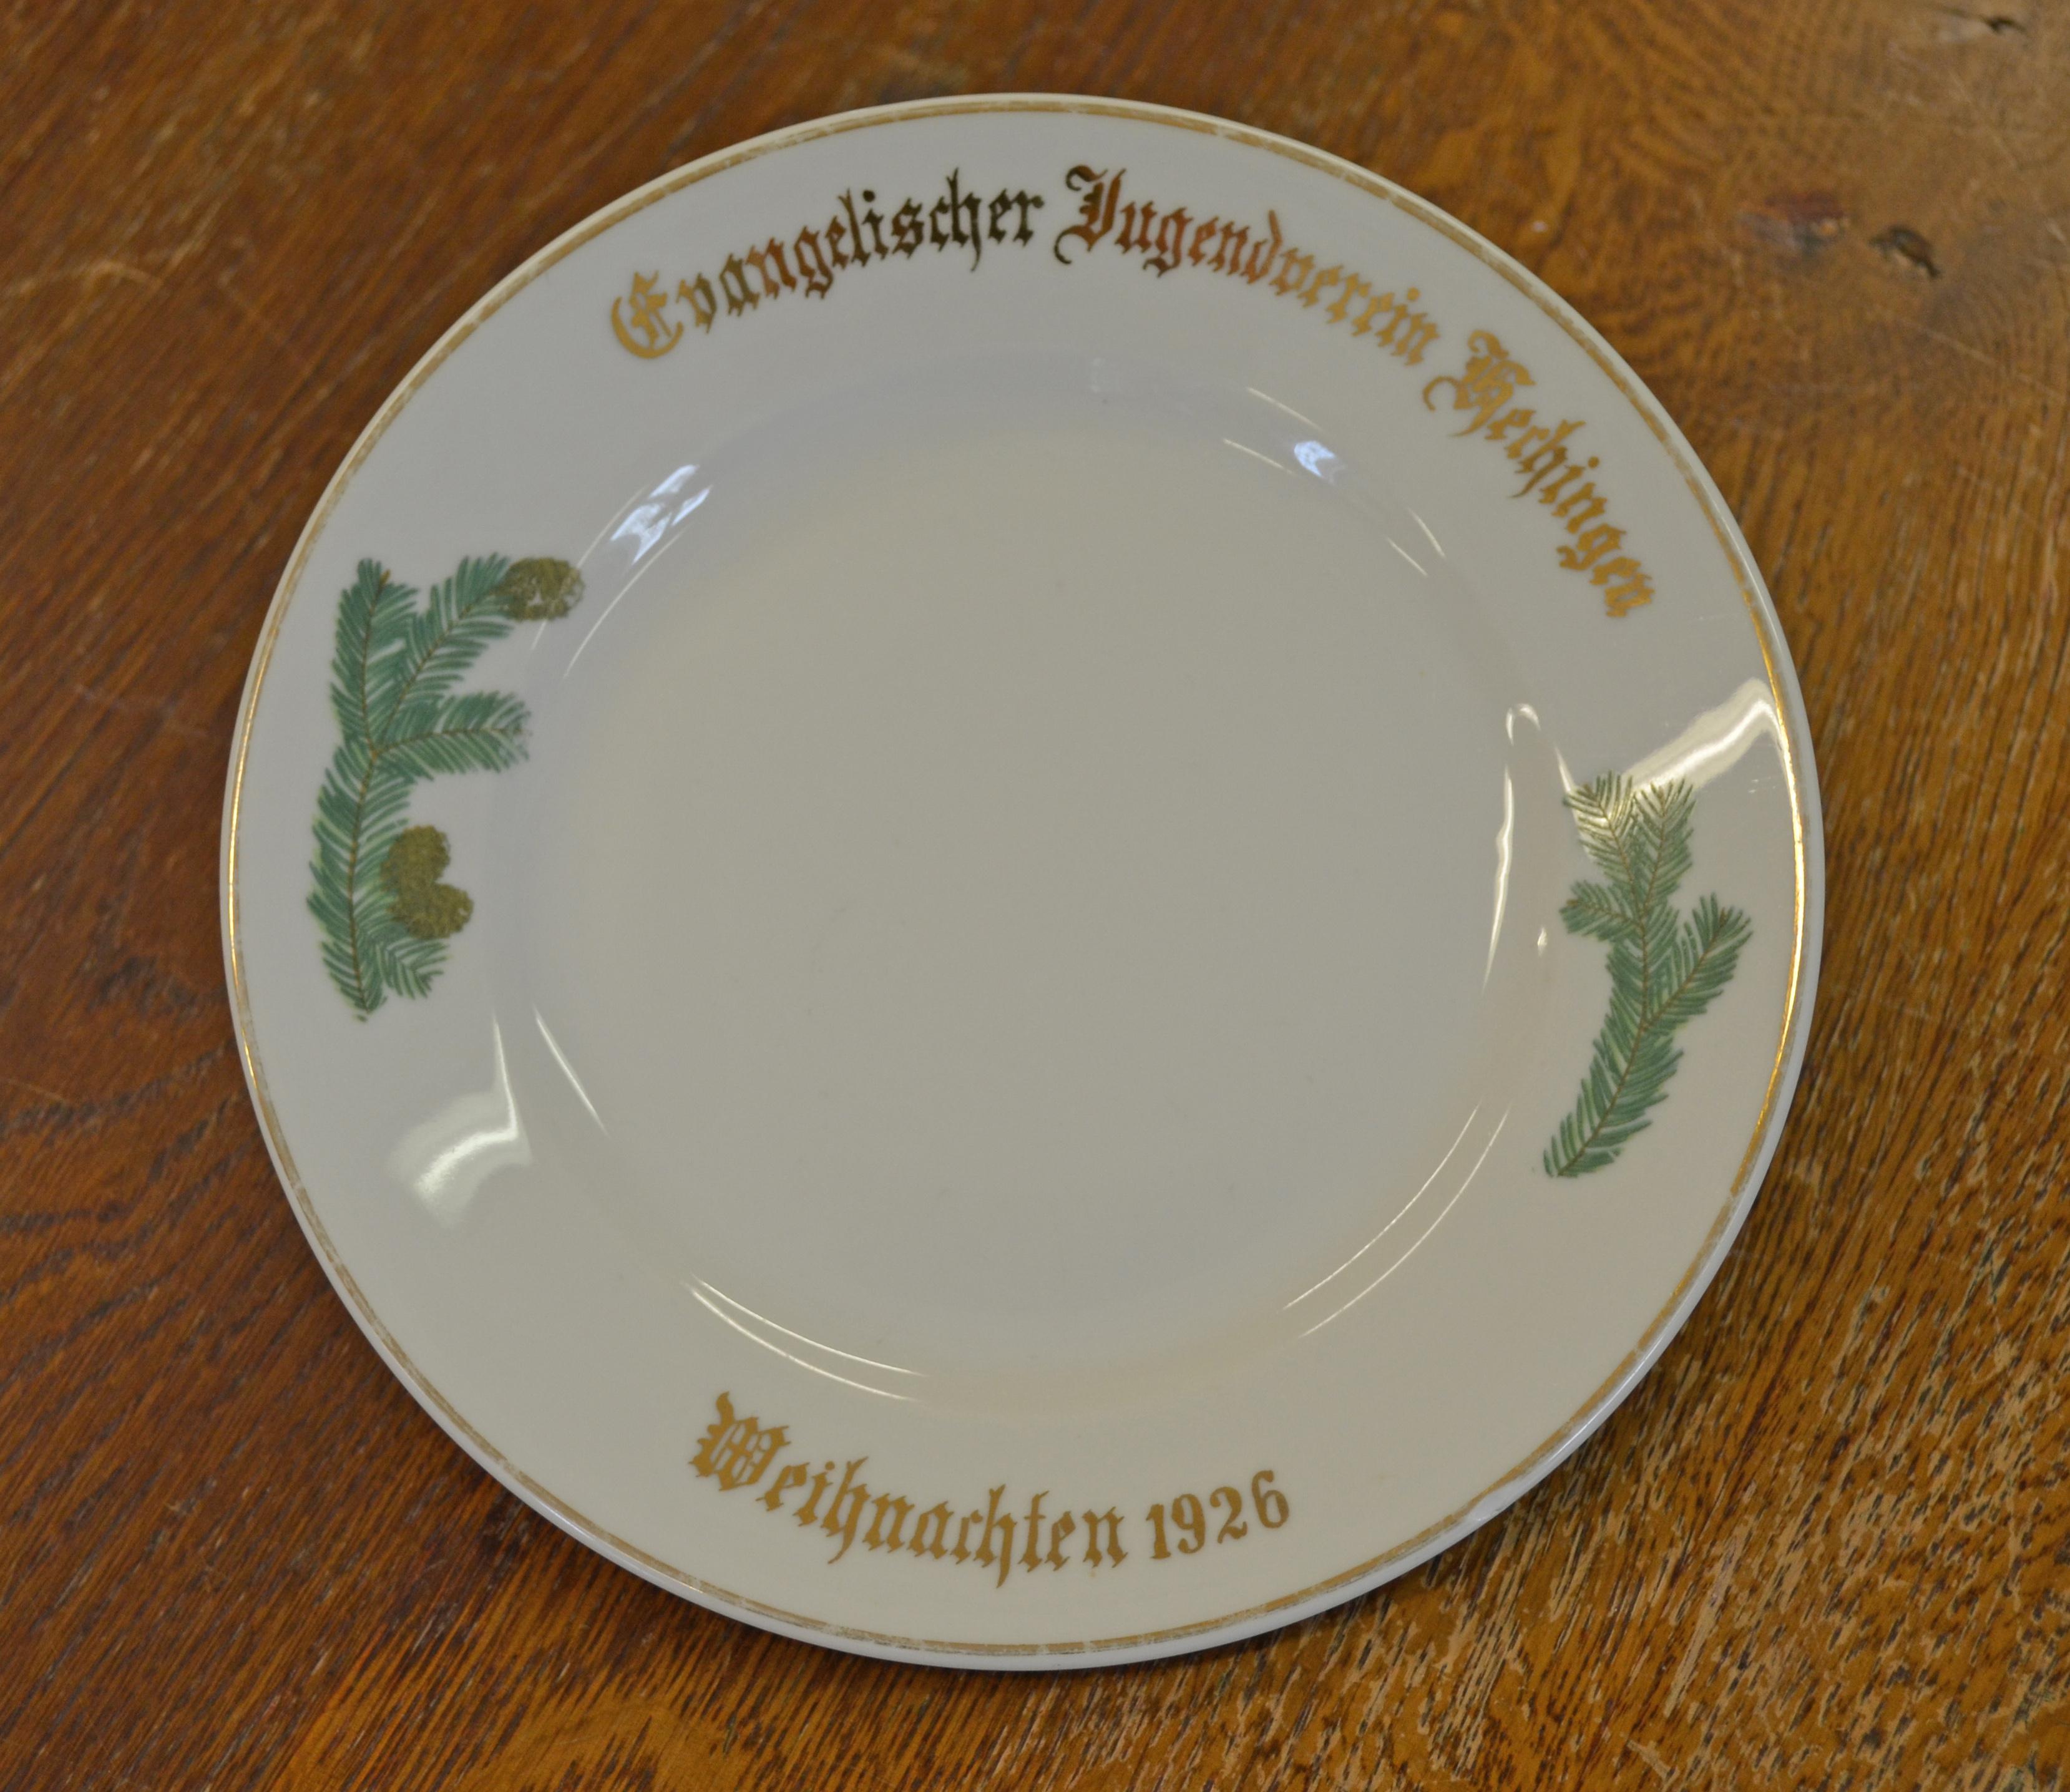 Erinnerungsteller Evangelischer Jugendverein Hechingen 1926